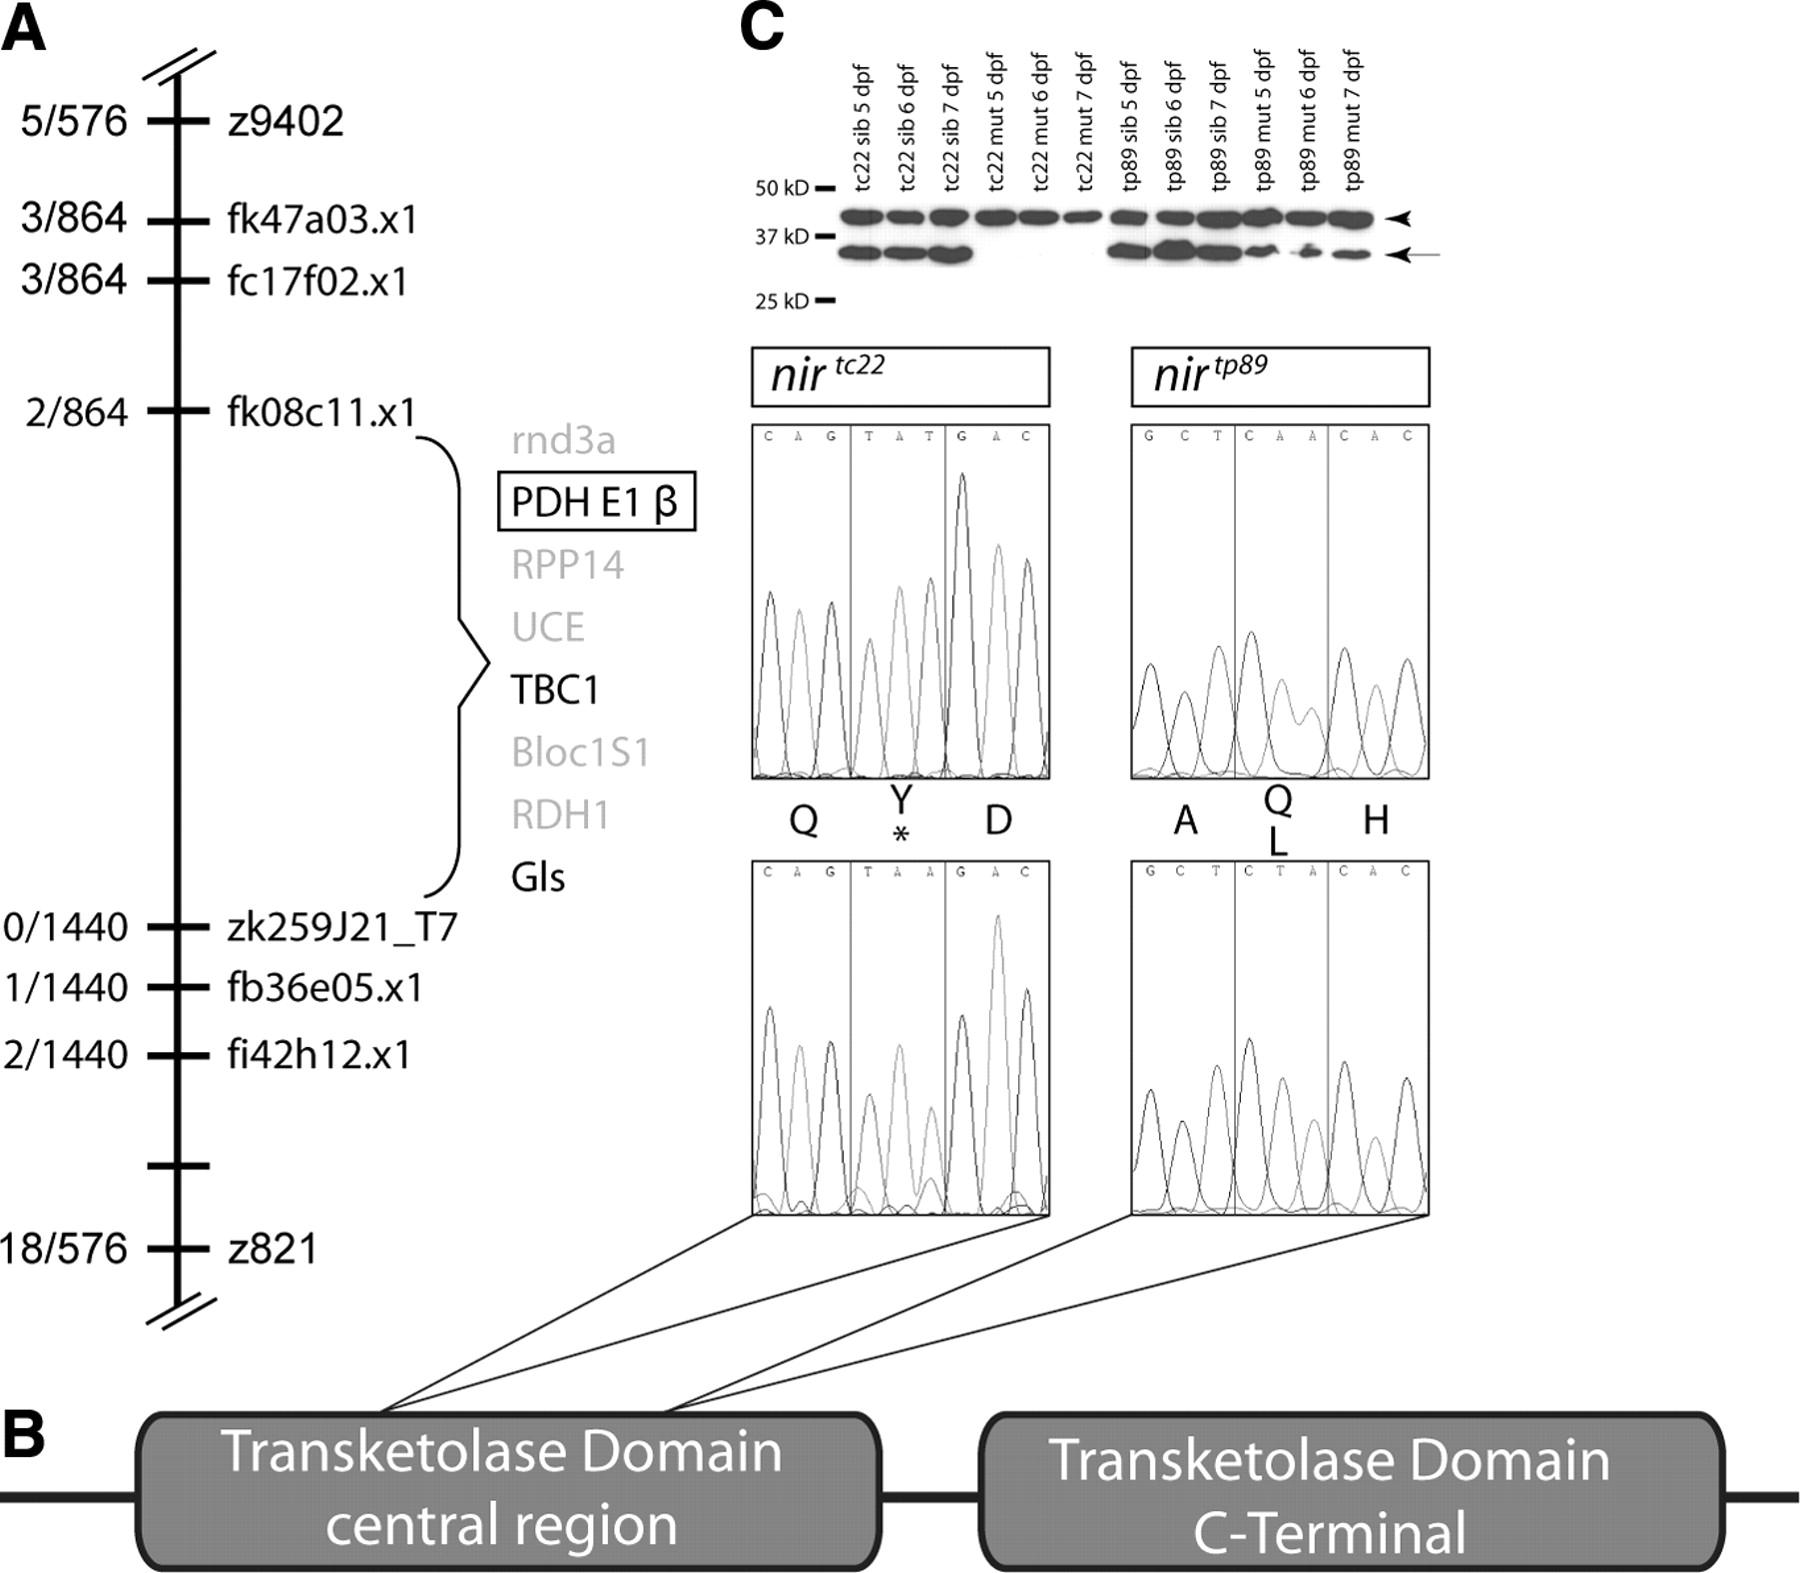 mutation summary visual in r